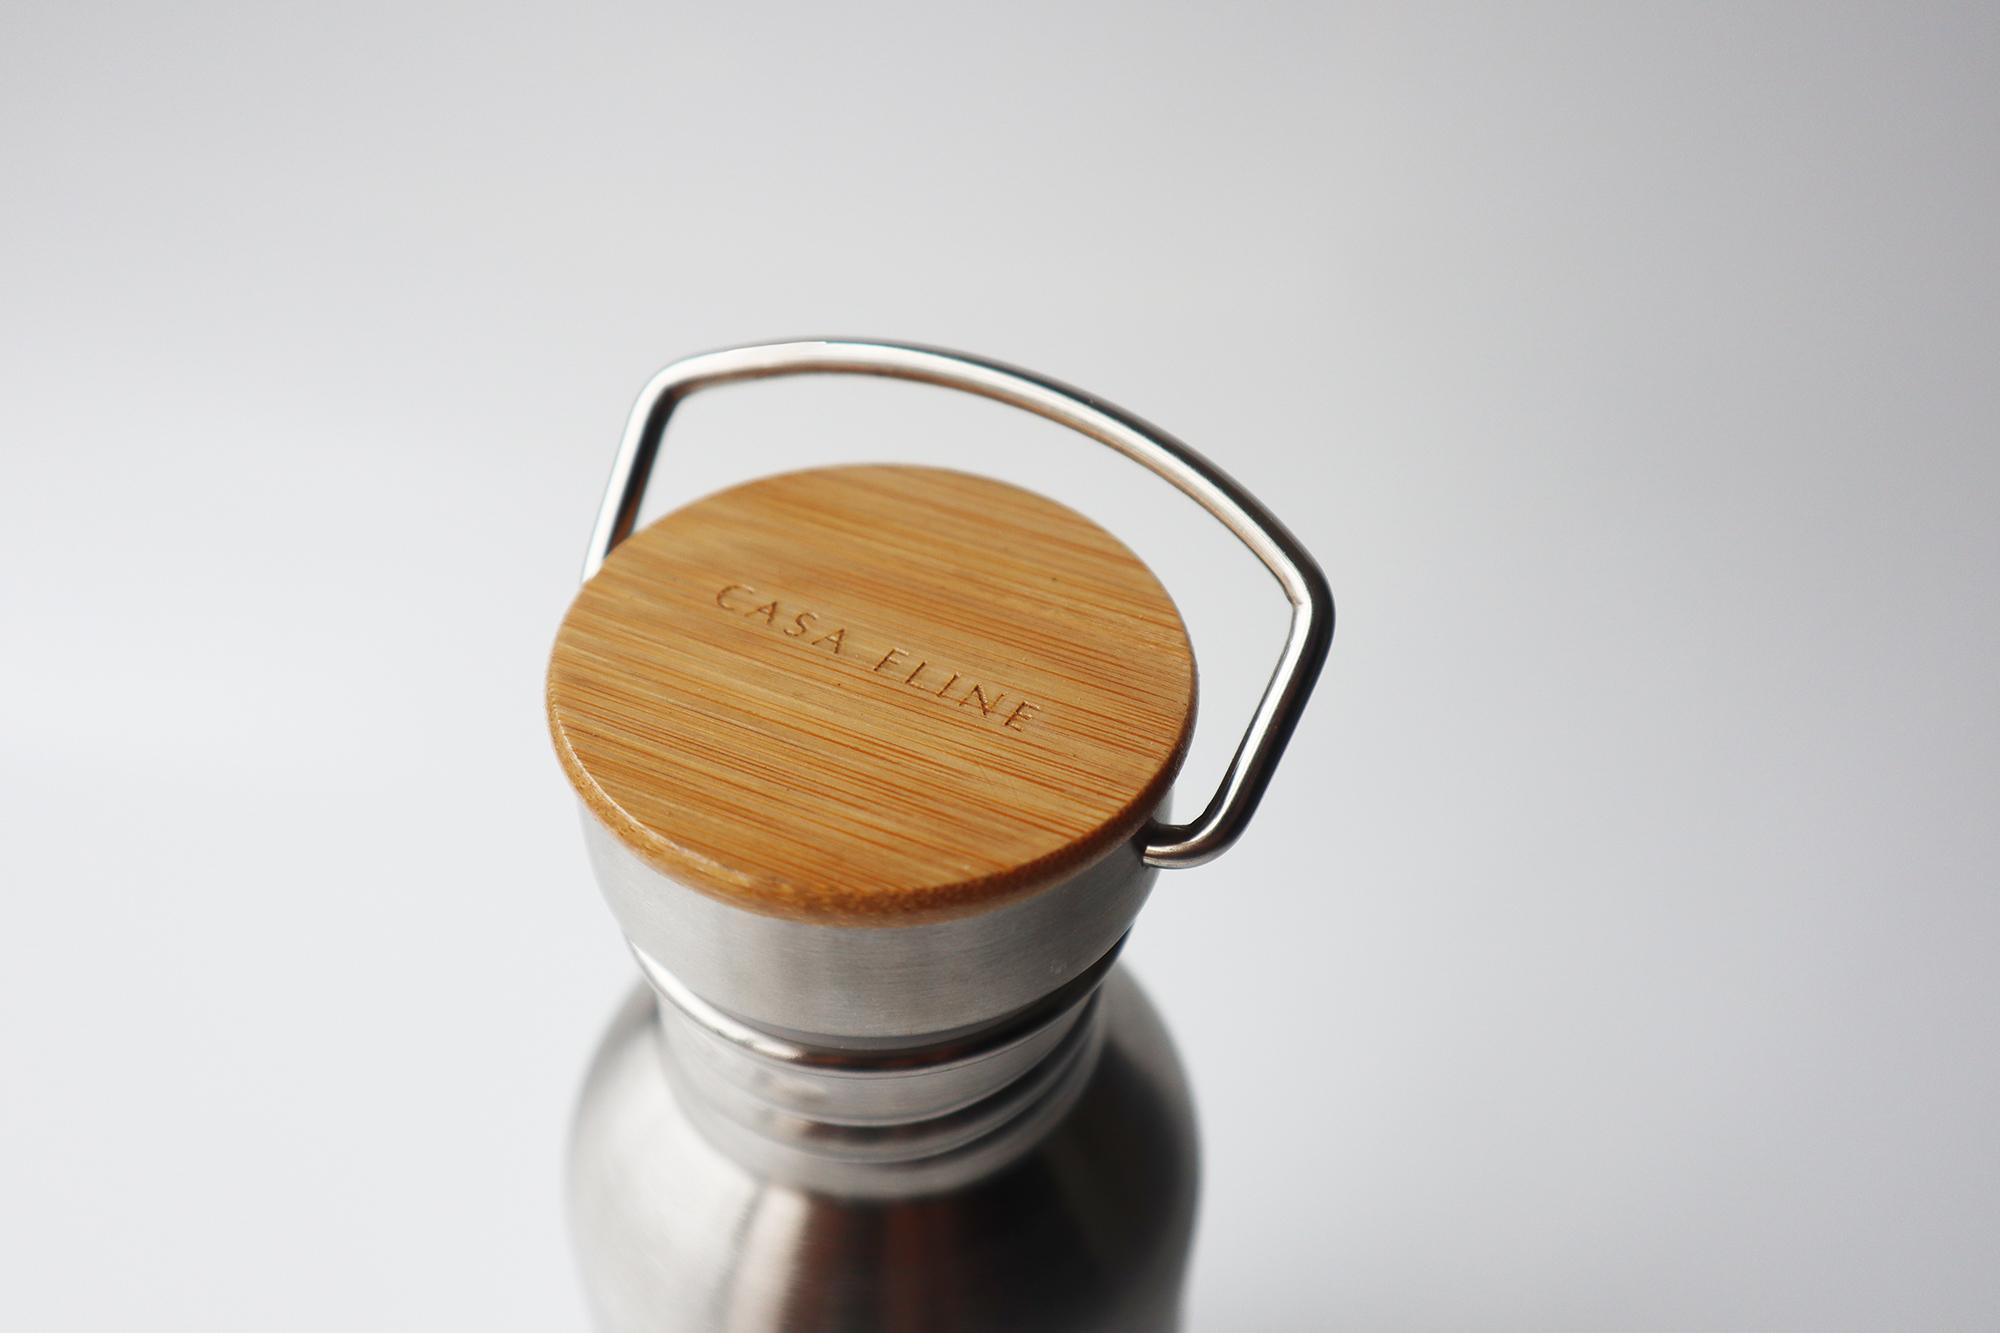 CASA FLINE - ブランド3周年を記念したステンレスマイボトルが限定販売中!